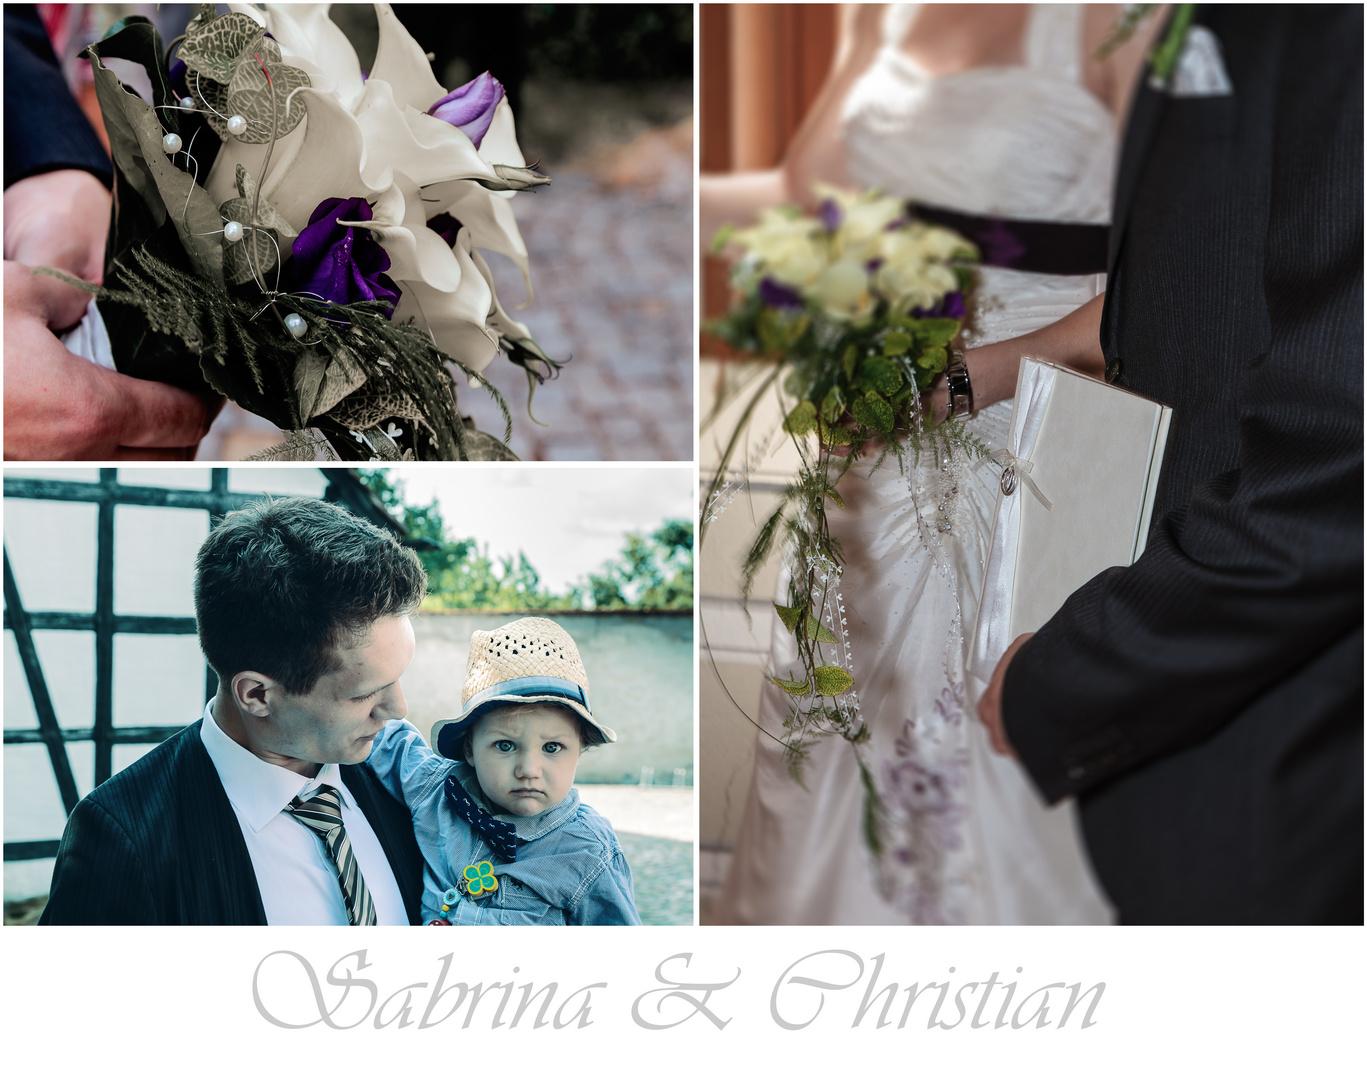 Sabrina & Christian III